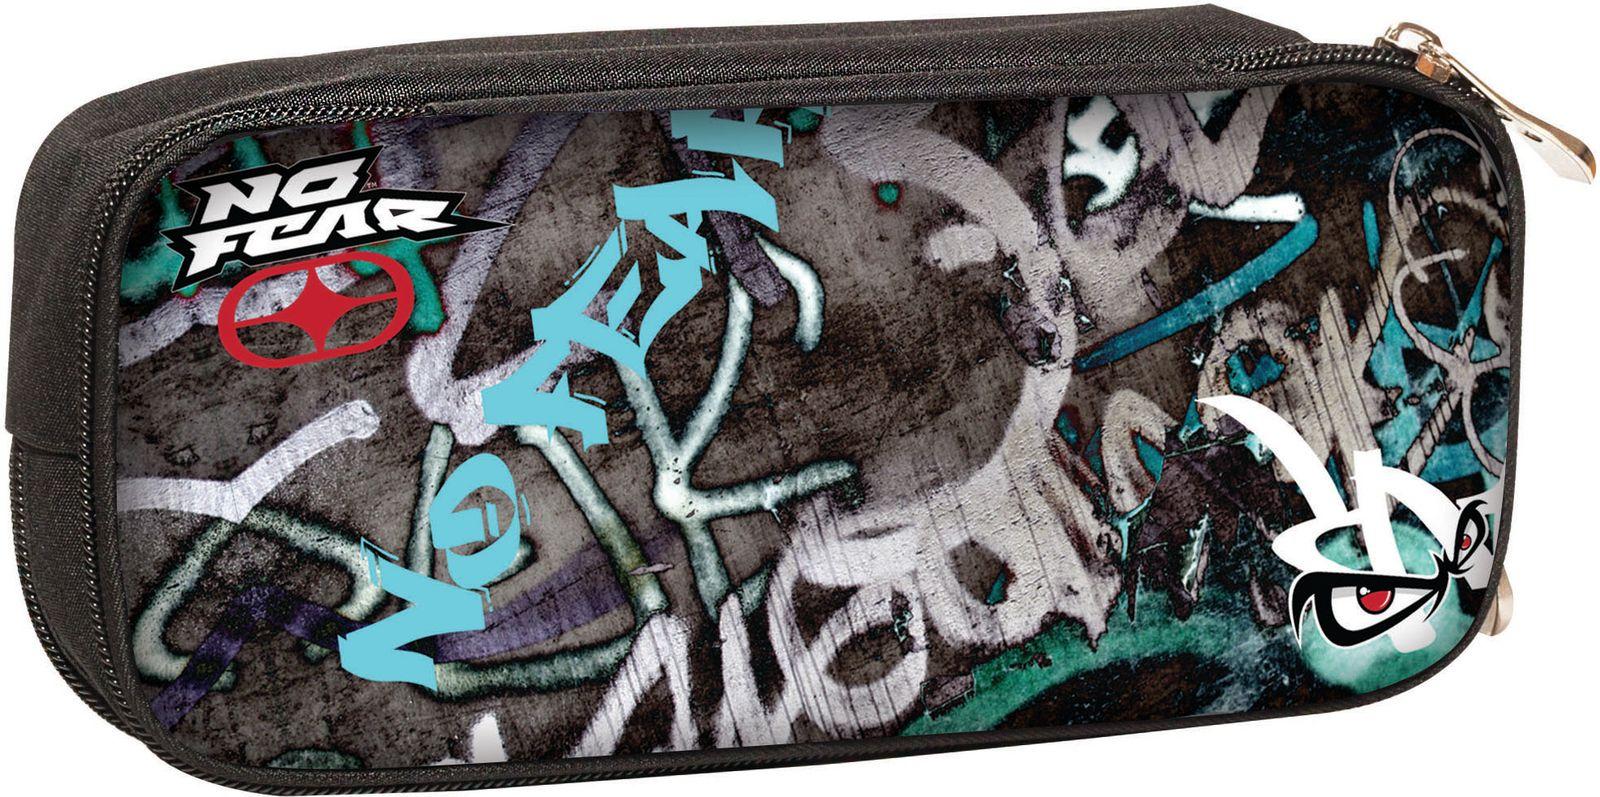 Κασετίνα Βαρελάκι No Fear Street Graffiti BMU 347-41141 σχολικες τσαντες   τσάντες δημοτικού   κασετίνες